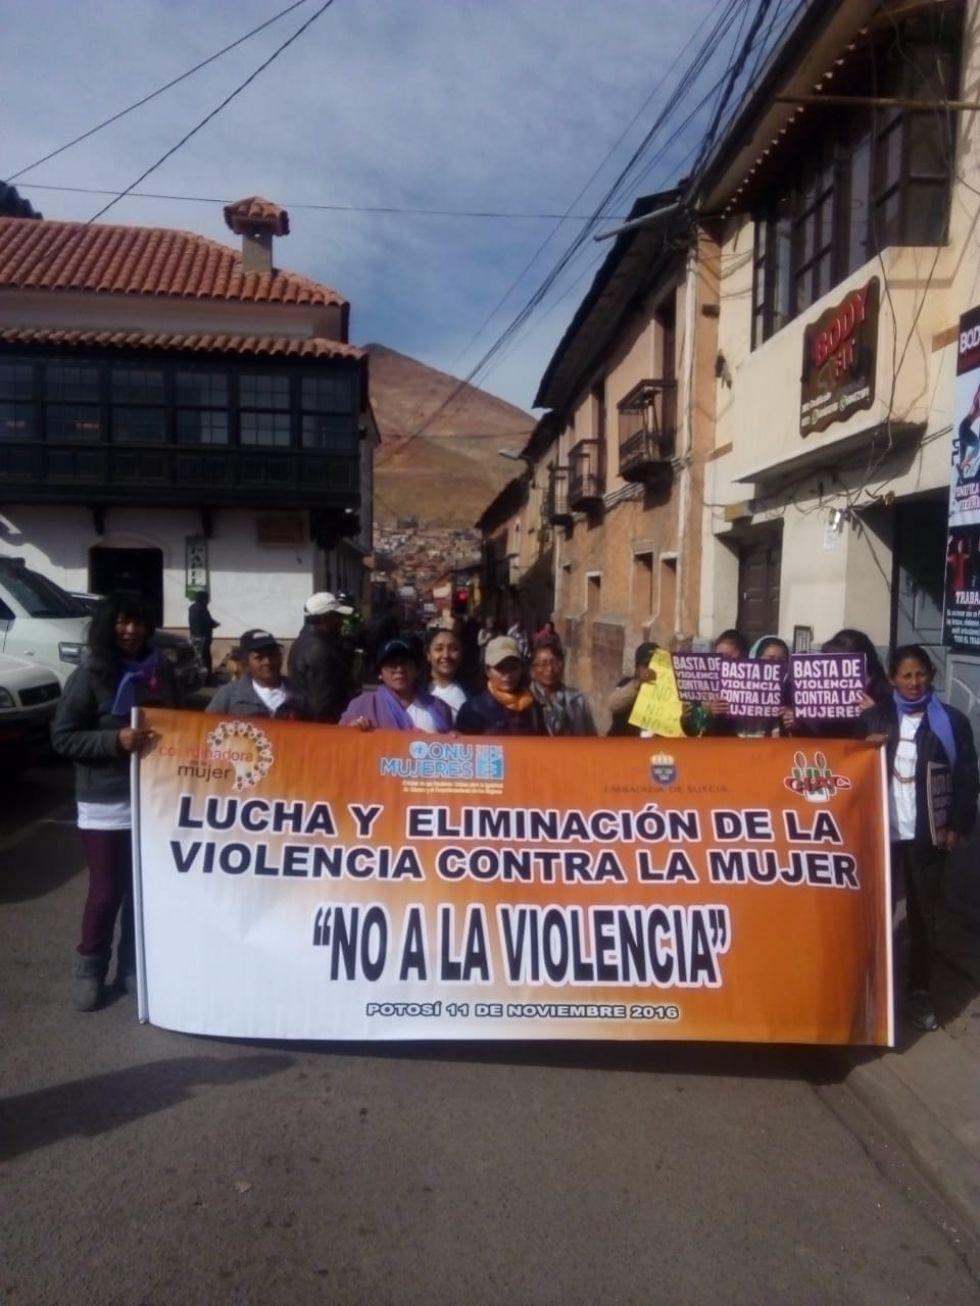 Claman por detener la violencia contra la mujer.